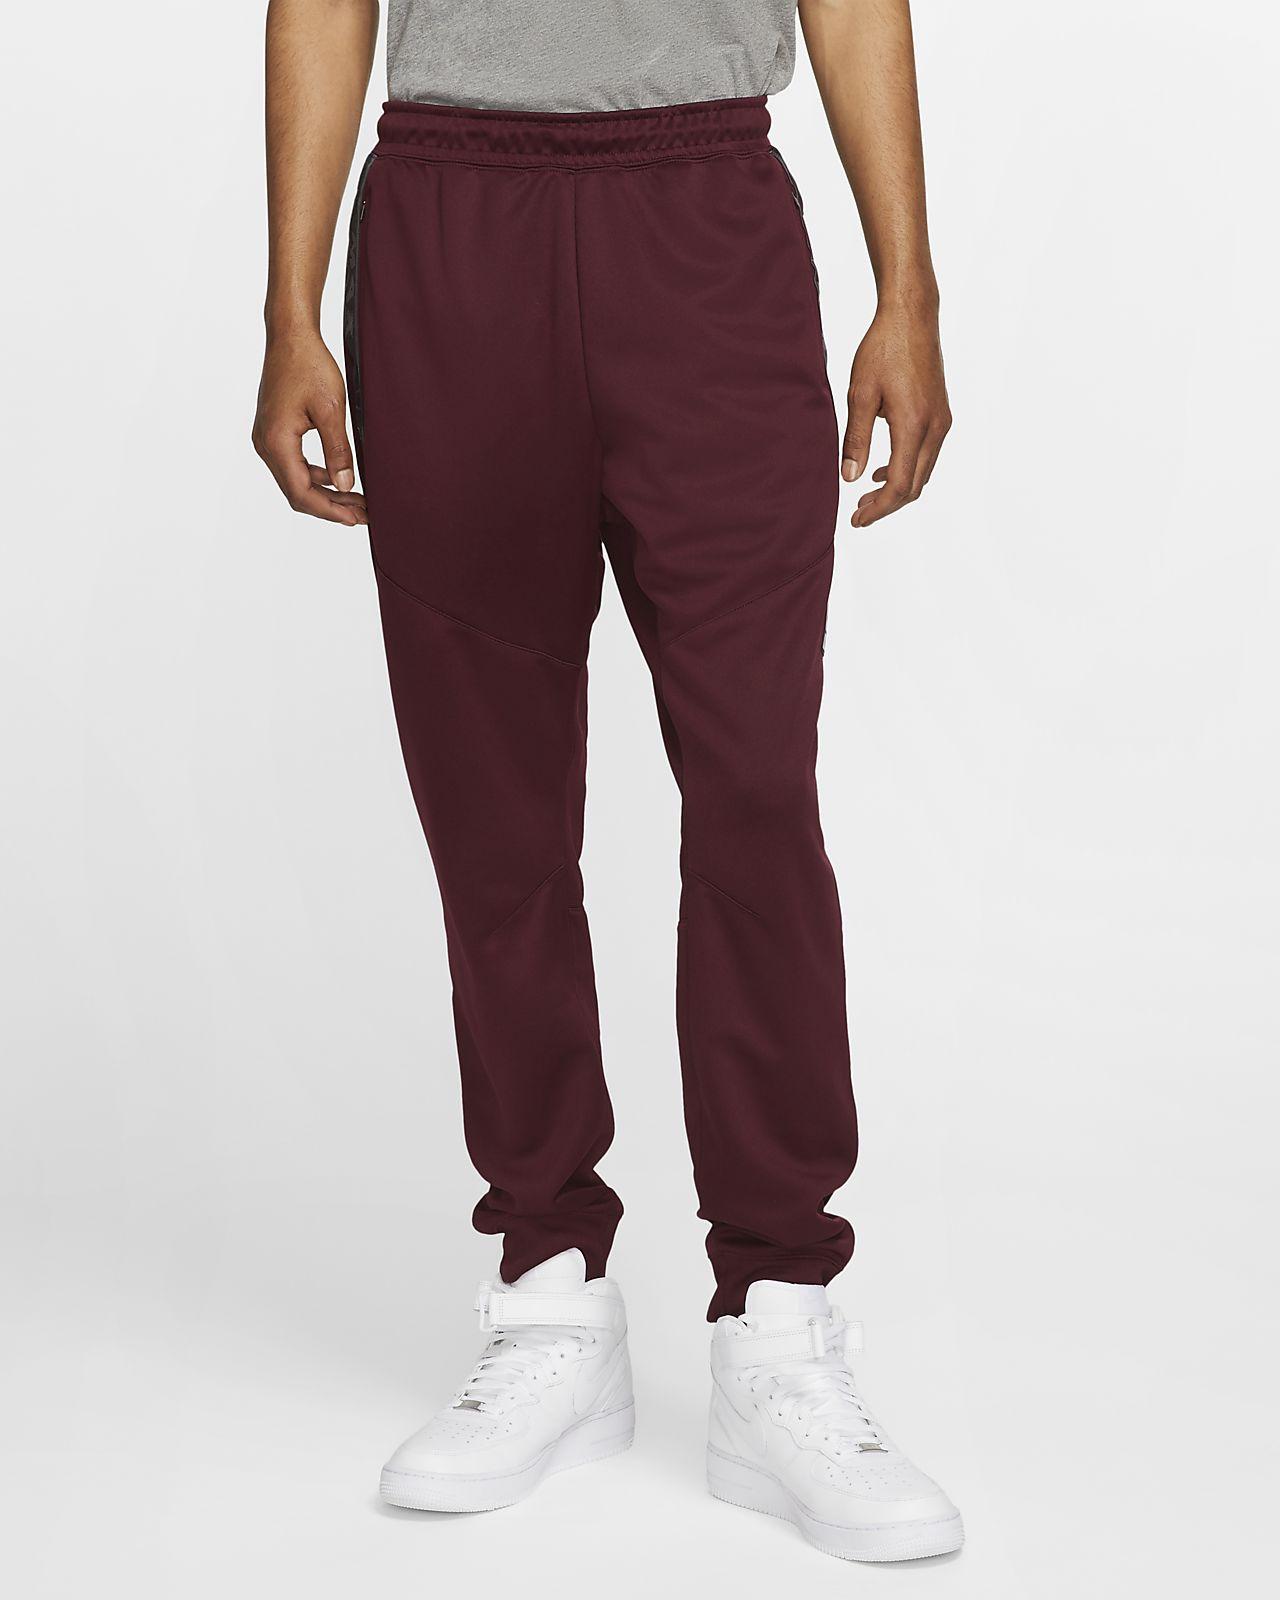 Pantalones de entrenamiento para hombre Nike Sportswear Air Max